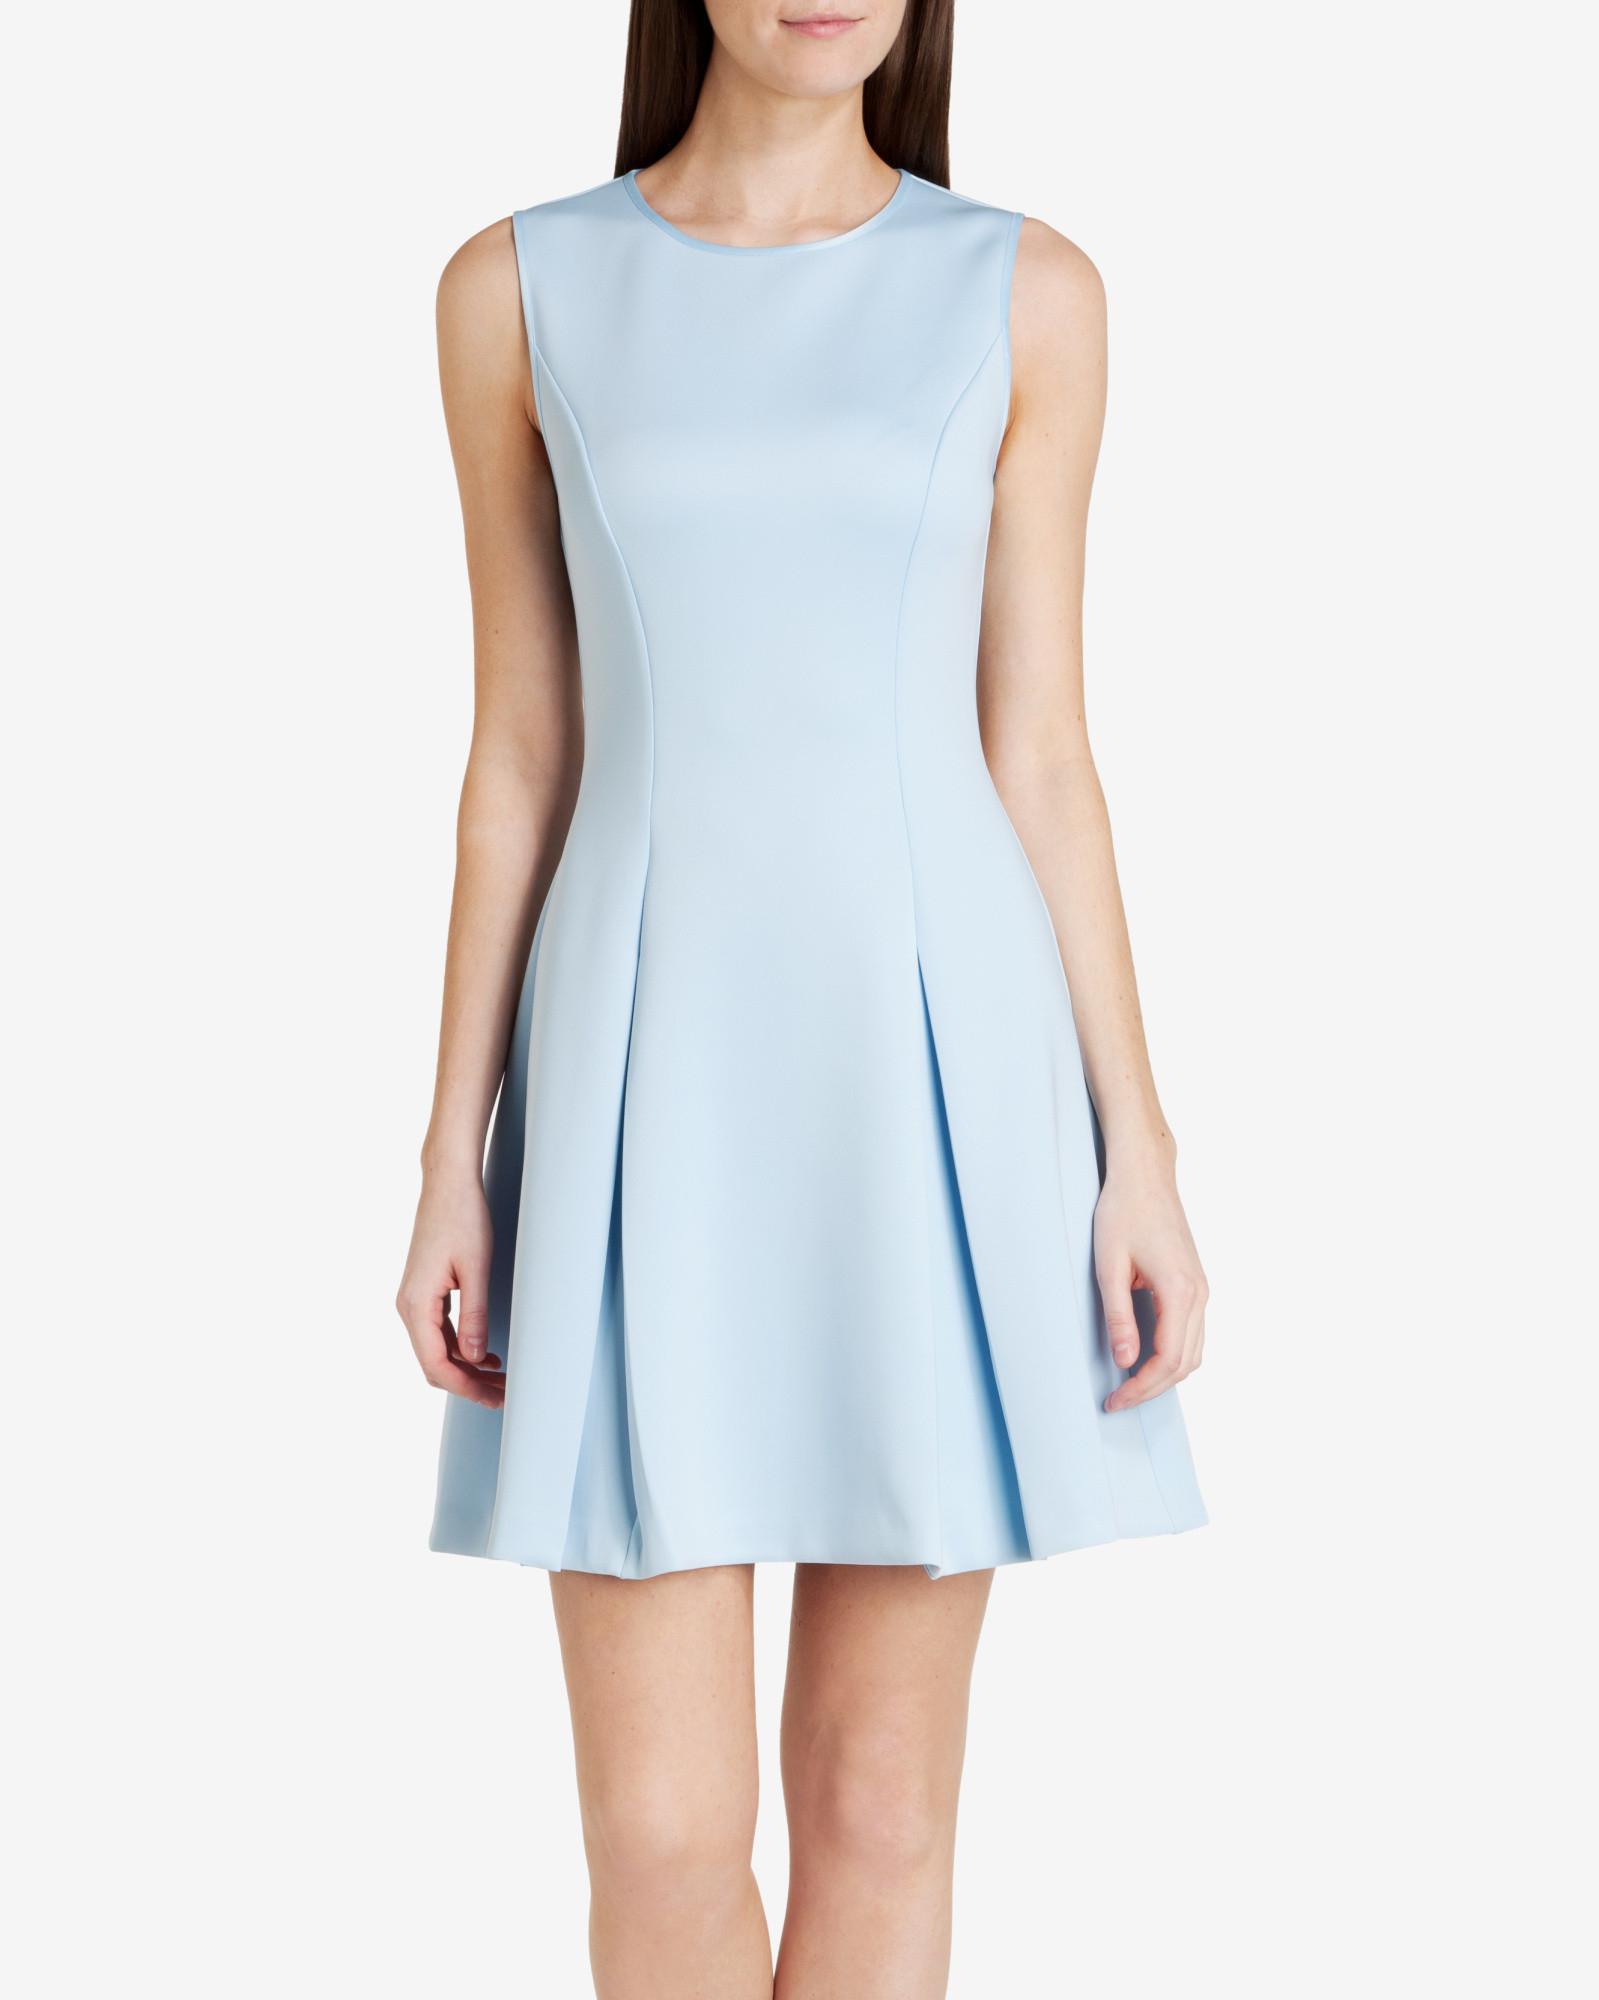 Lyst Ted Baker Sleeveless Skater Dress in Blue